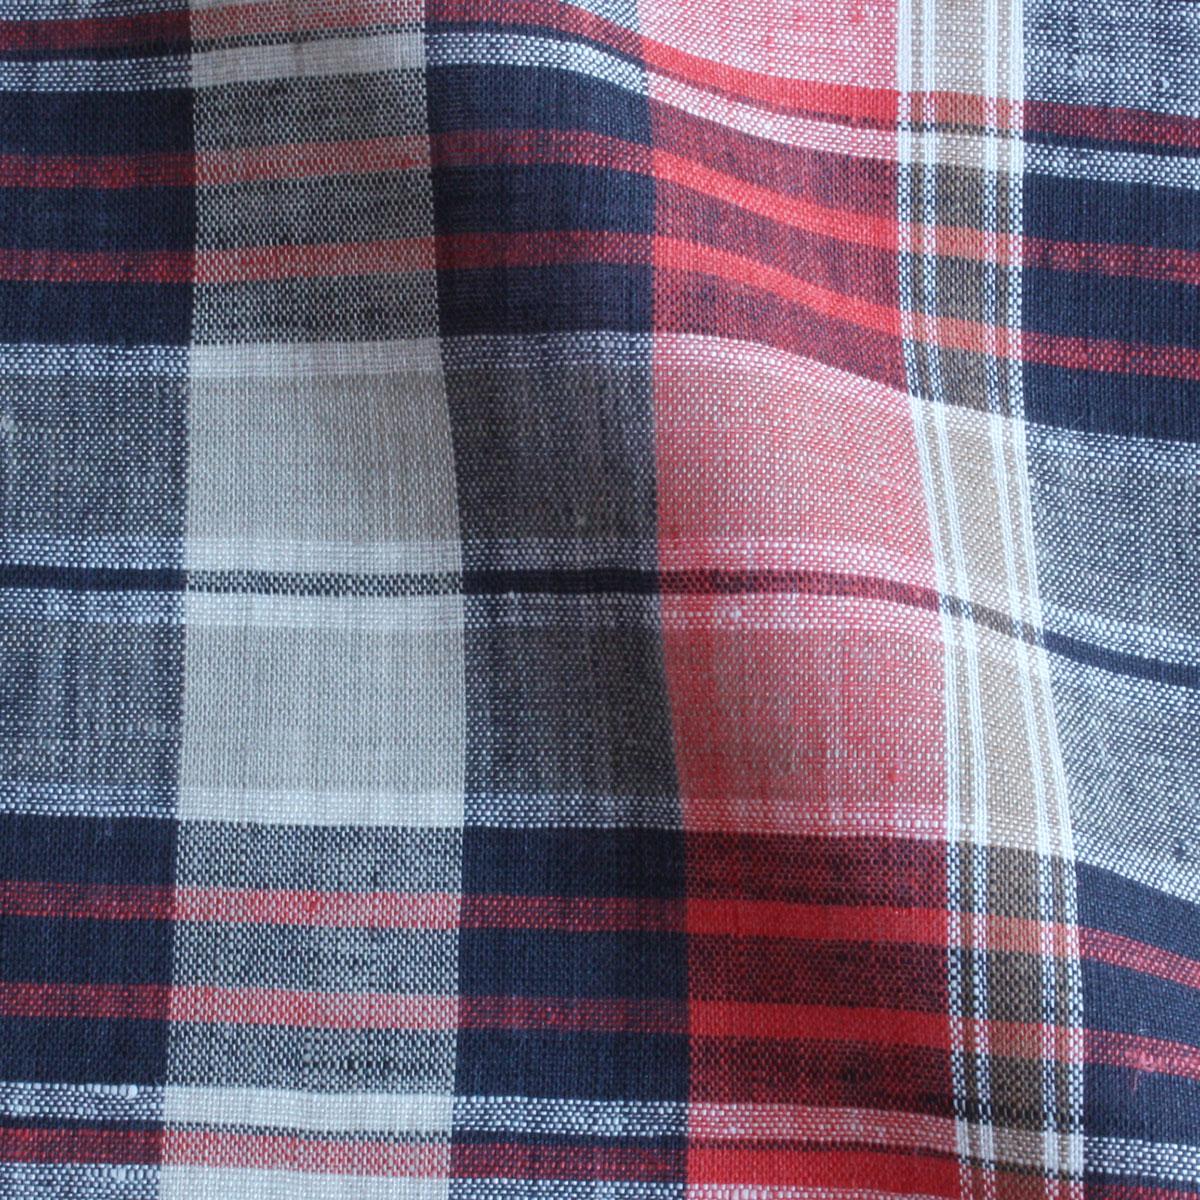 Cadeauya【リネン100% ハンカチ】リネンハンカチ チェック45 ブラウン×レッド 45×45cm 平織り 男女兼用